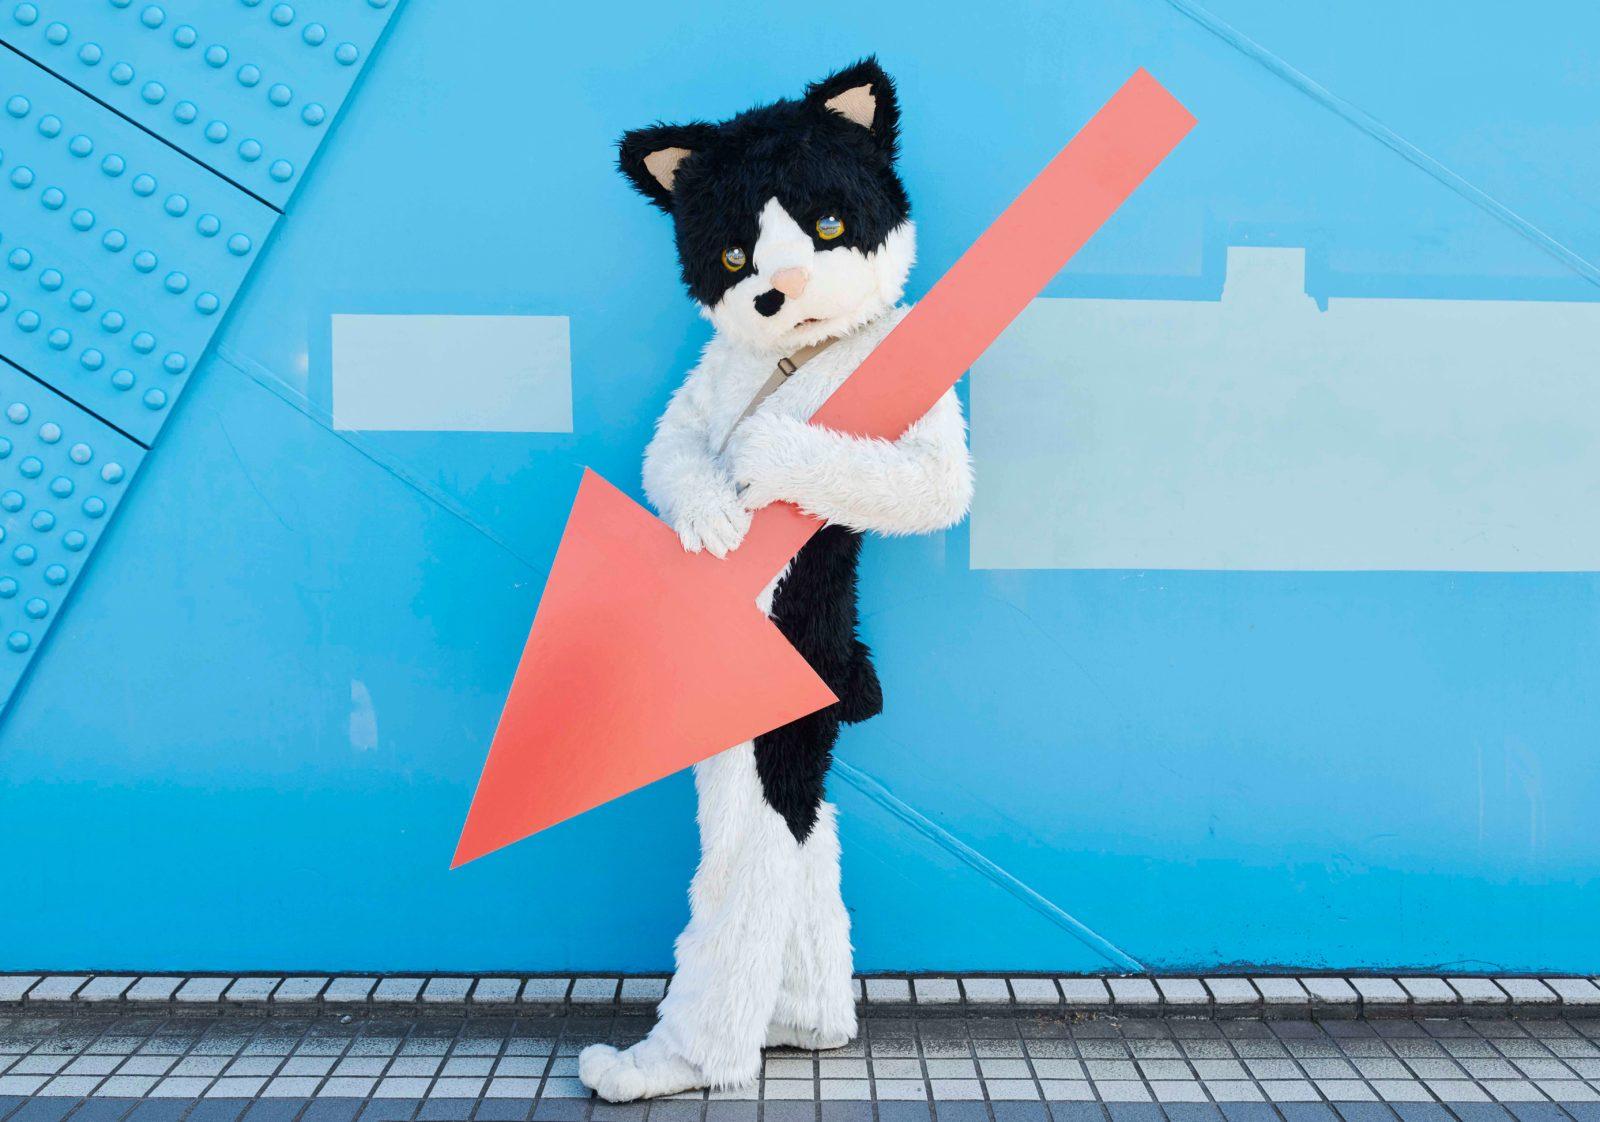 むぎ(猫)、2017年発売のアルバム『天国かもしれない』が配信リリース決定サムネイル画像